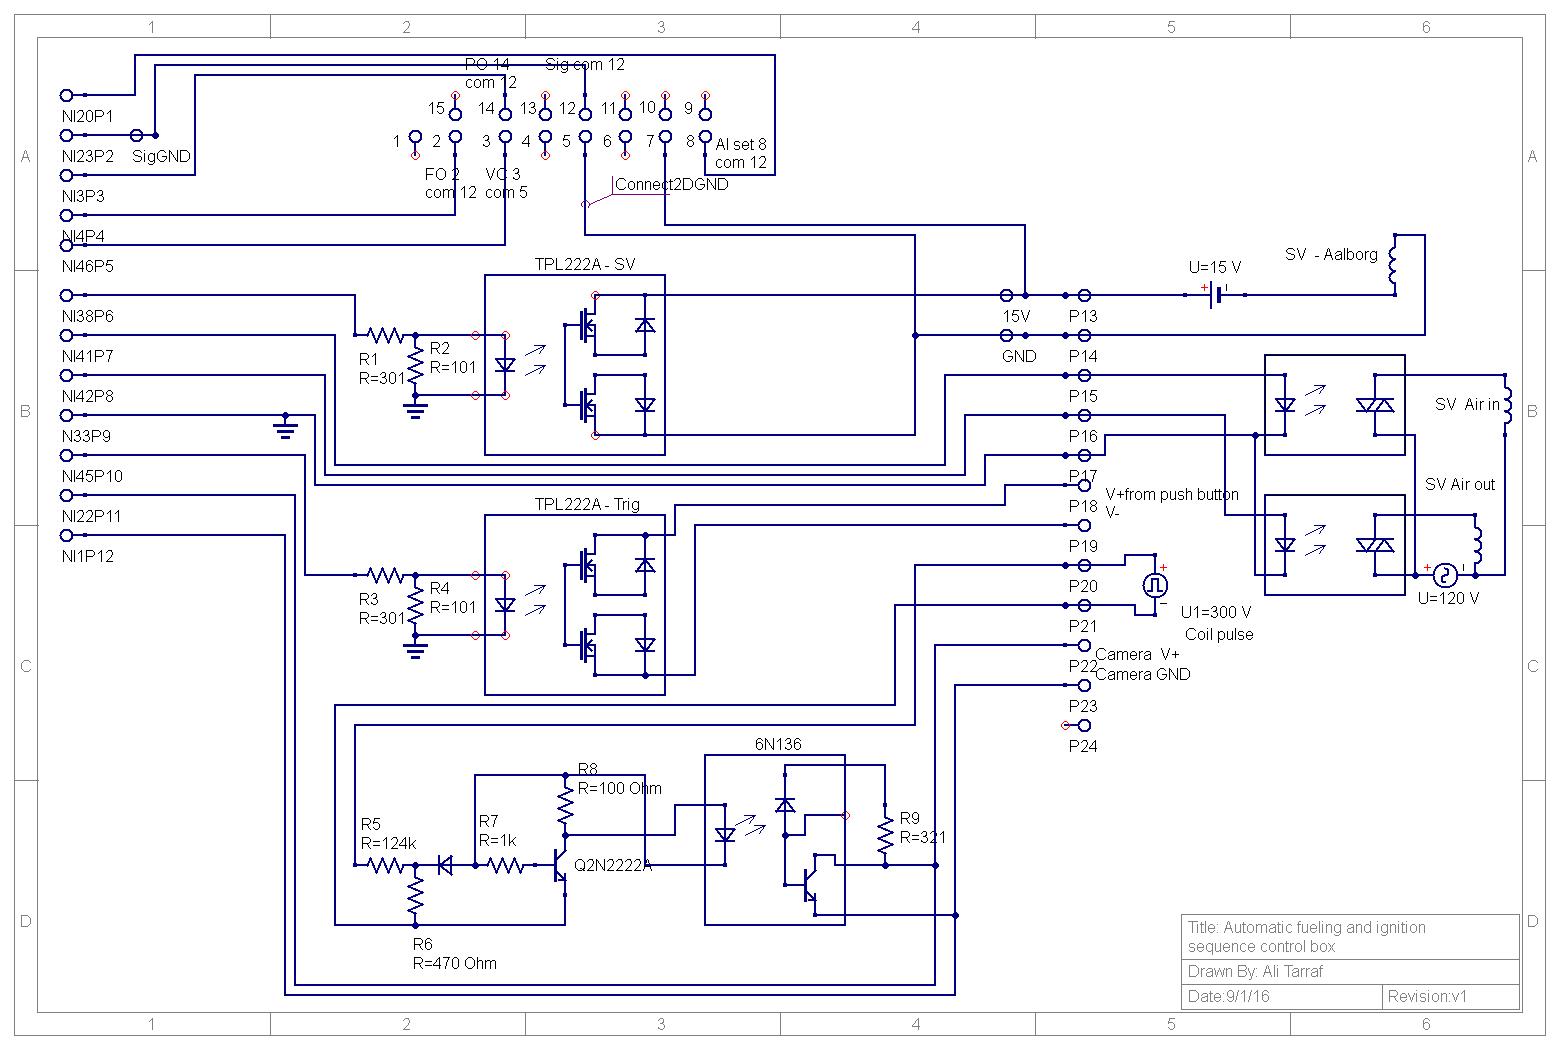 Quite Universal Circuit Simulator Discussion Helpformat Error Qucs Control Box Schematic